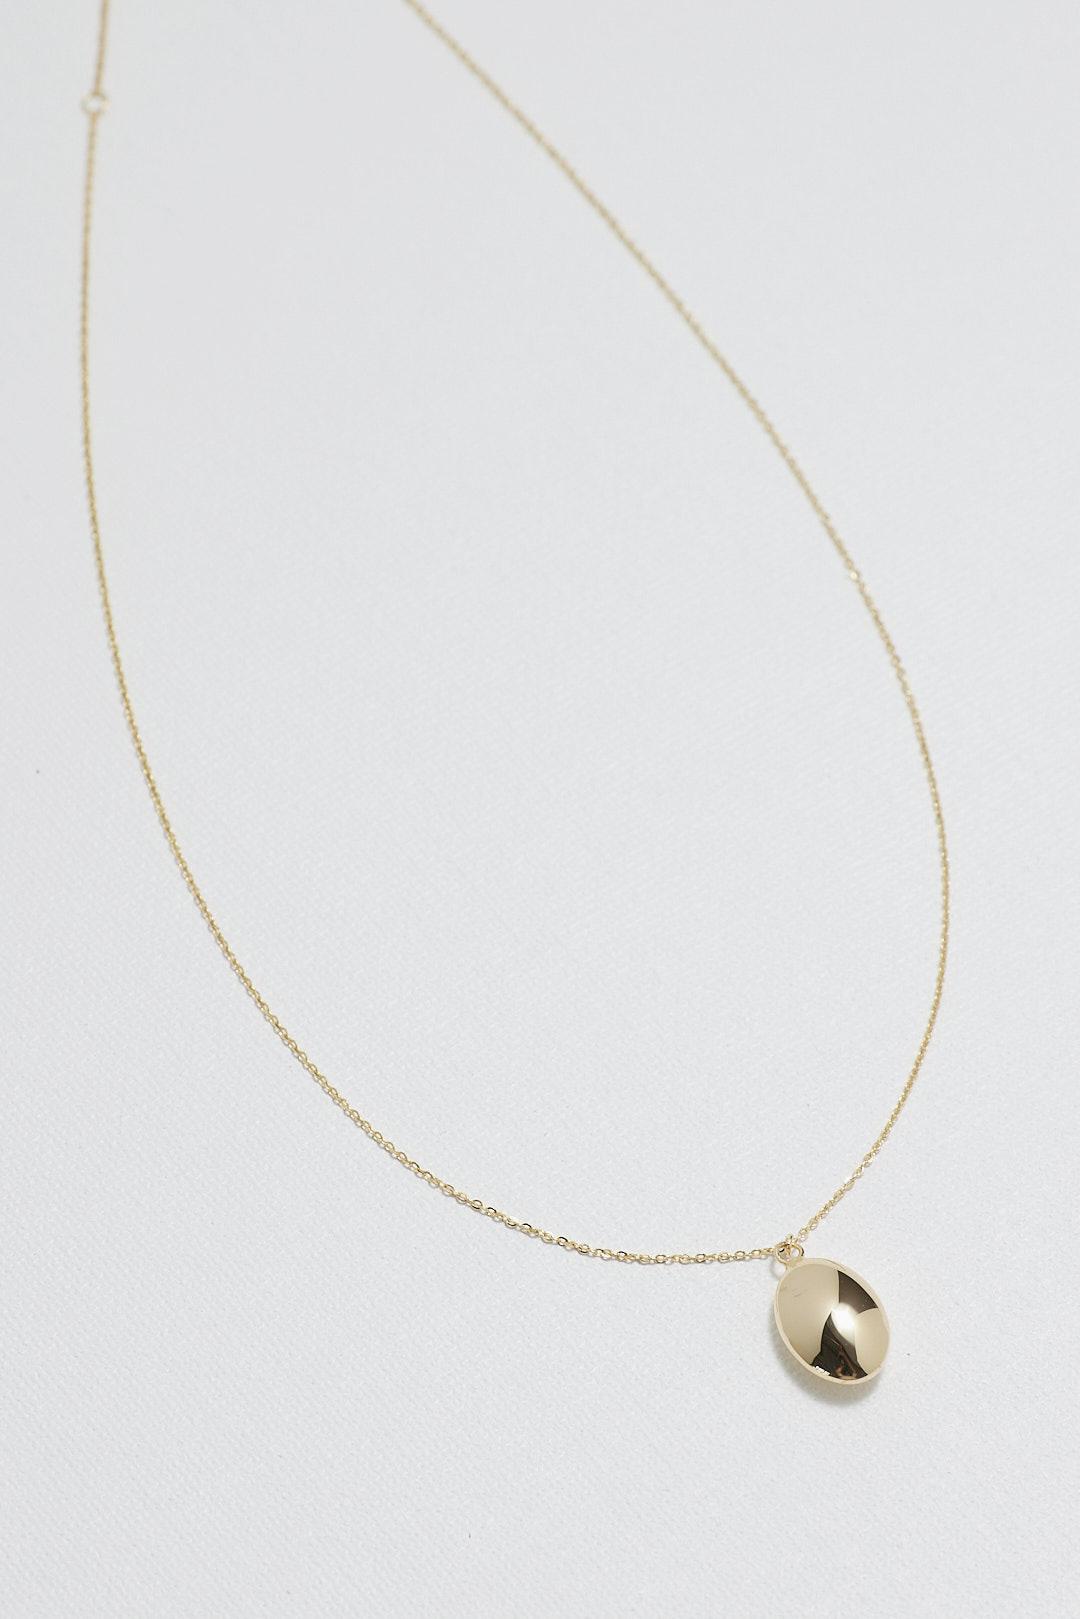 Prisca Necklace